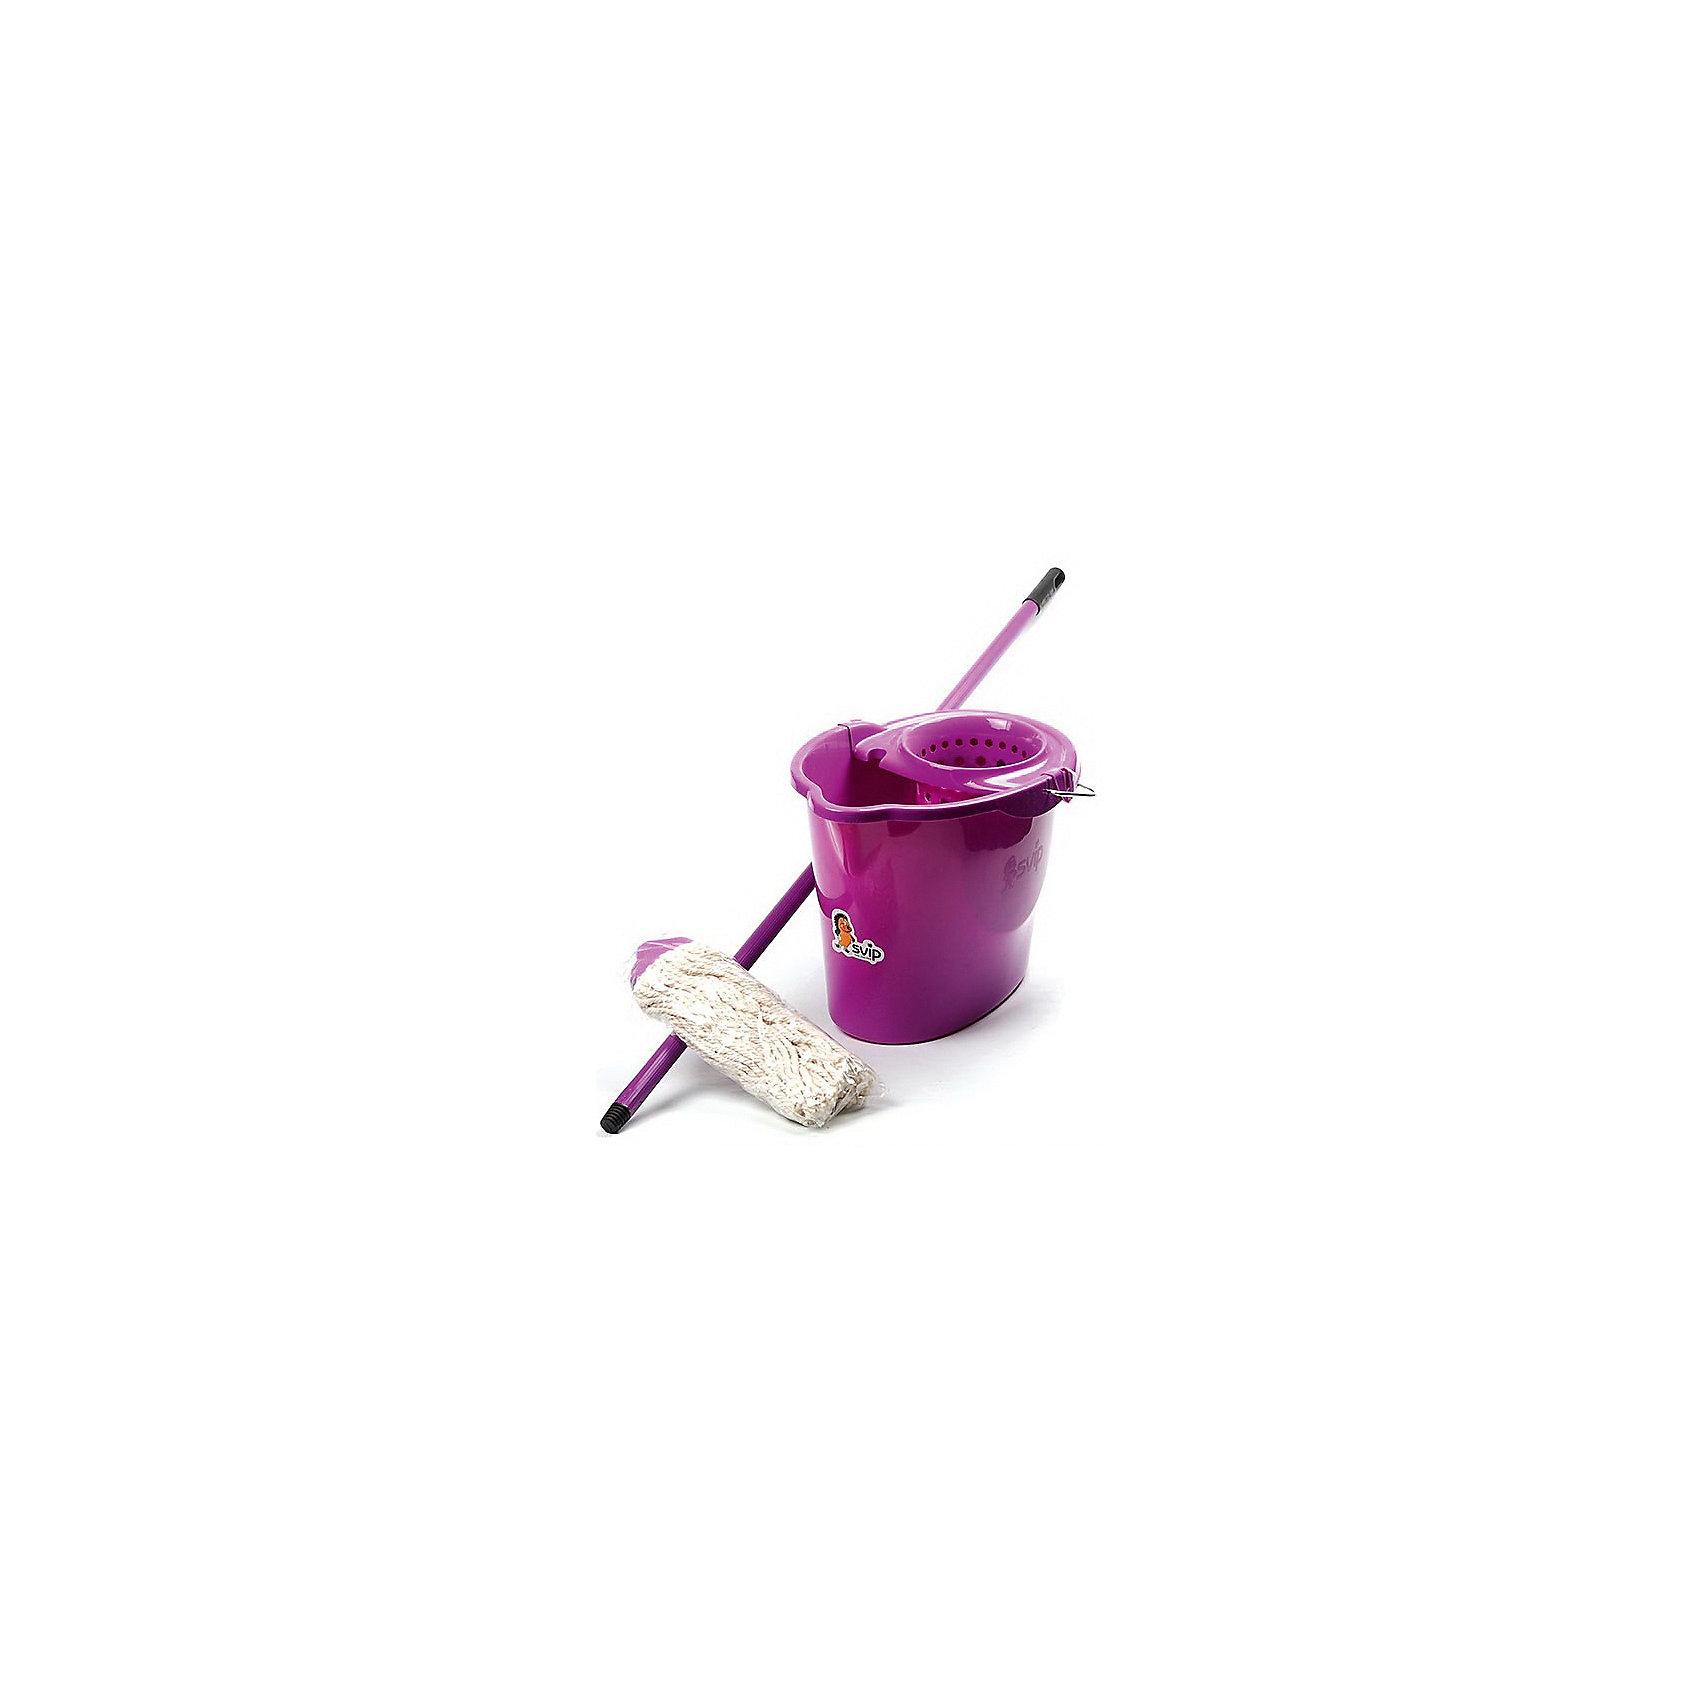 Комплект для влажной уборки МОП, SvipВанная комната<br>Комплект для влажной уборки МОП, Svip<br><br>Характеристики:<br><br>• Материал: пластик<br>• Цвет: серый<br>• В комплекте: черенок, ведро с отжимом<br>• Размер черенка: 110 см<br><br>Этот набор для влажной уборки позволит легко навести дома порядок. В комплект входит черенок длиной 110 см и современный МОП для уборки пола. Использование этого набора позволяет производить влажную уборку быстро и эффективно, так как материалы, использованные при изготовлении МОПа, не оставляют разводов при мытье, тщательно впитывают влагу и легко отжимаются.<br><br>Комплект для влажной уборки МОП, Svip можно купить в нашем интернет-магазине.<br><br>Ширина мм: 335<br>Глубина мм: 340<br>Высота мм: 1340<br>Вес г: 810<br>Возраст от месяцев: 216<br>Возраст до месяцев: 1188<br>Пол: Унисекс<br>Возраст: Детский<br>SKU: 5545649